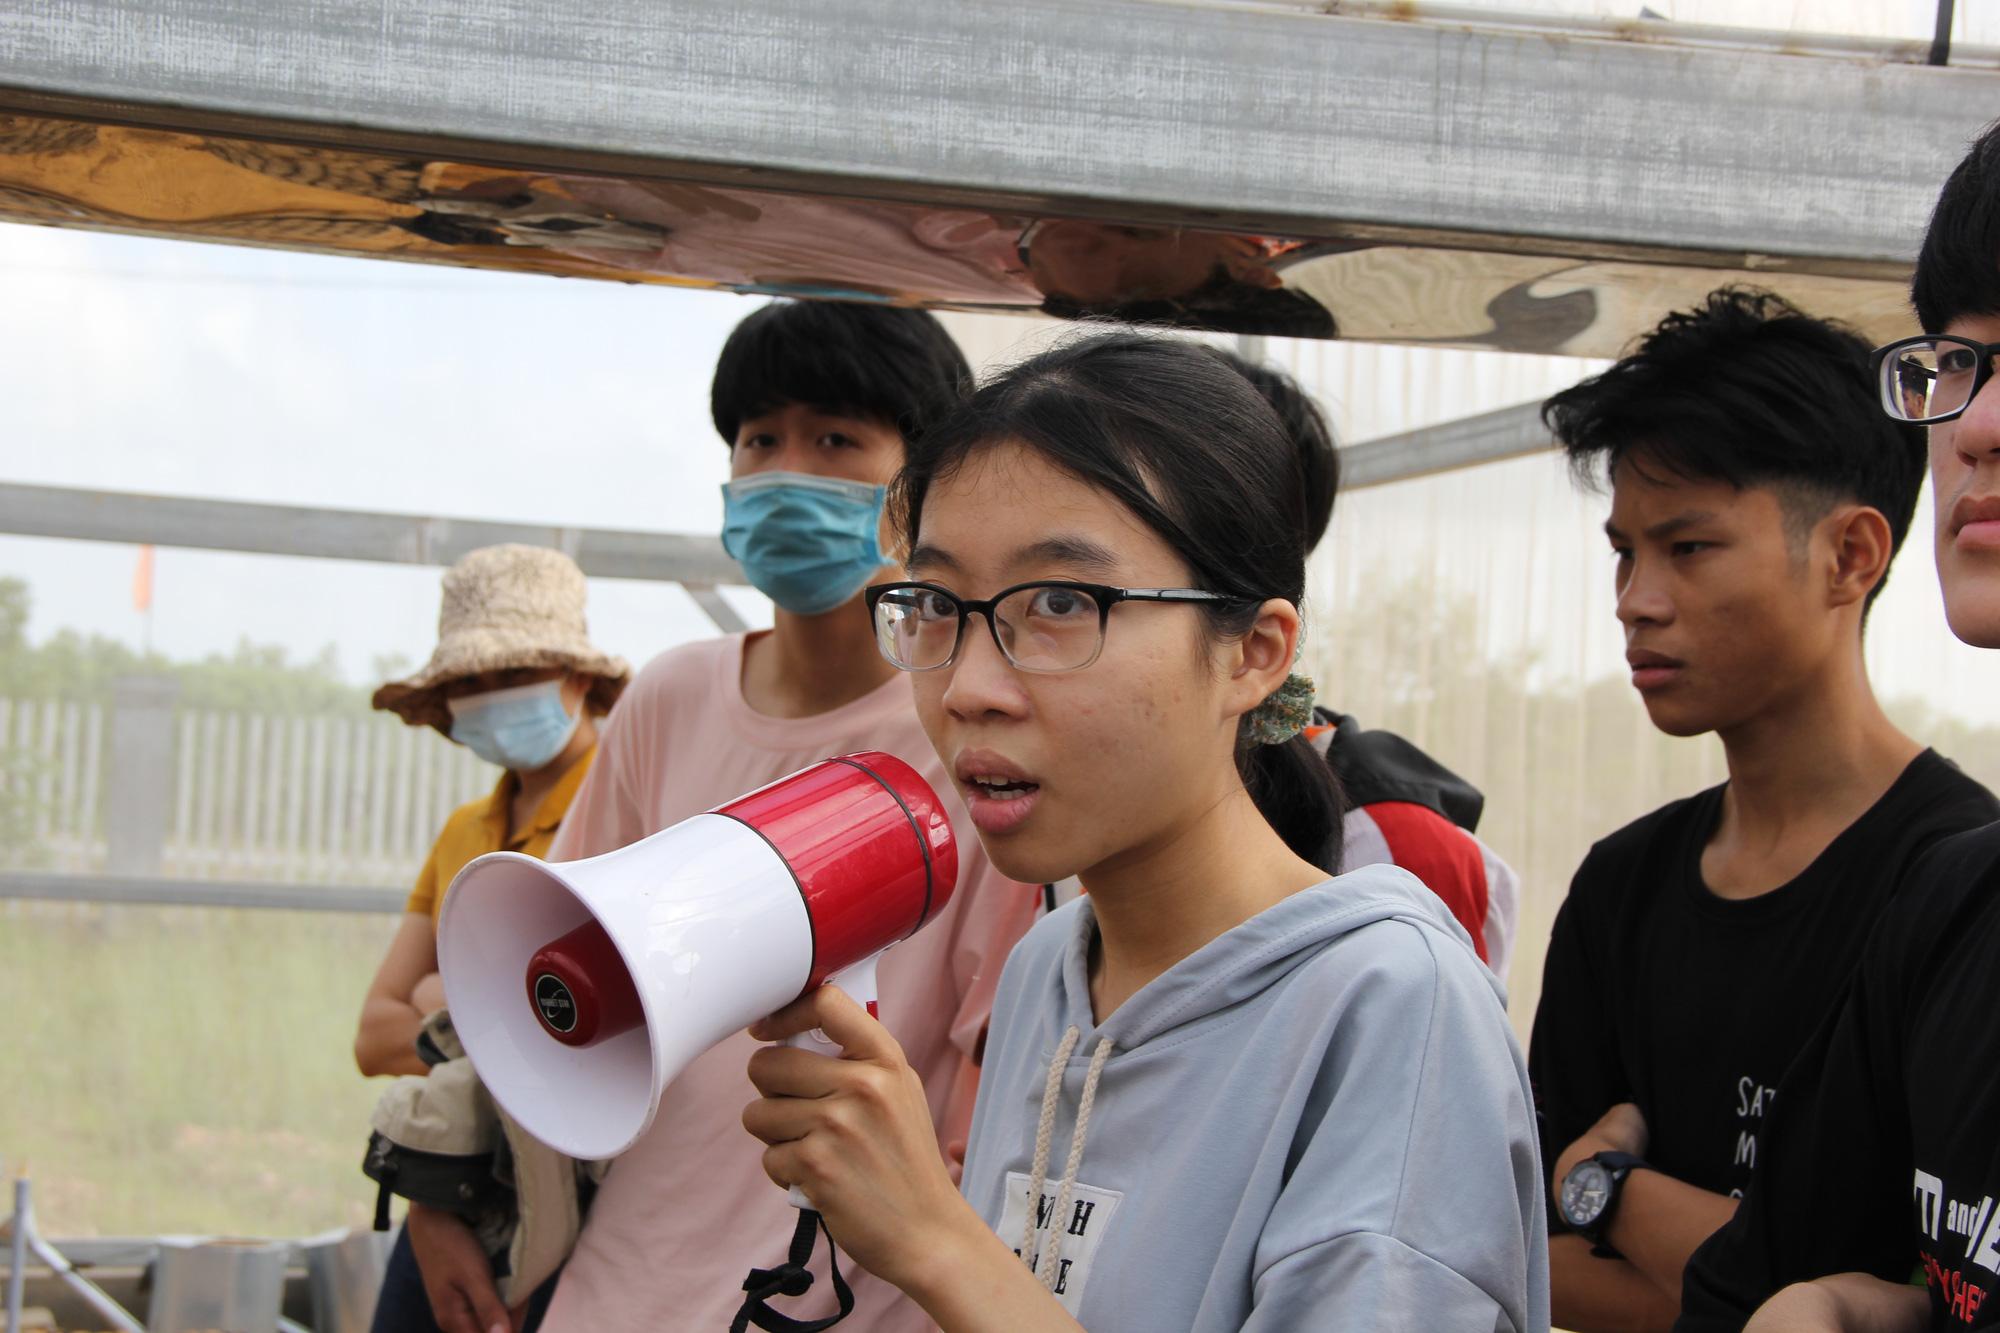 Khám phá tour du lịch học tập chỉ với 250.000 đồng ở Quảng Trị - Ảnh 3.